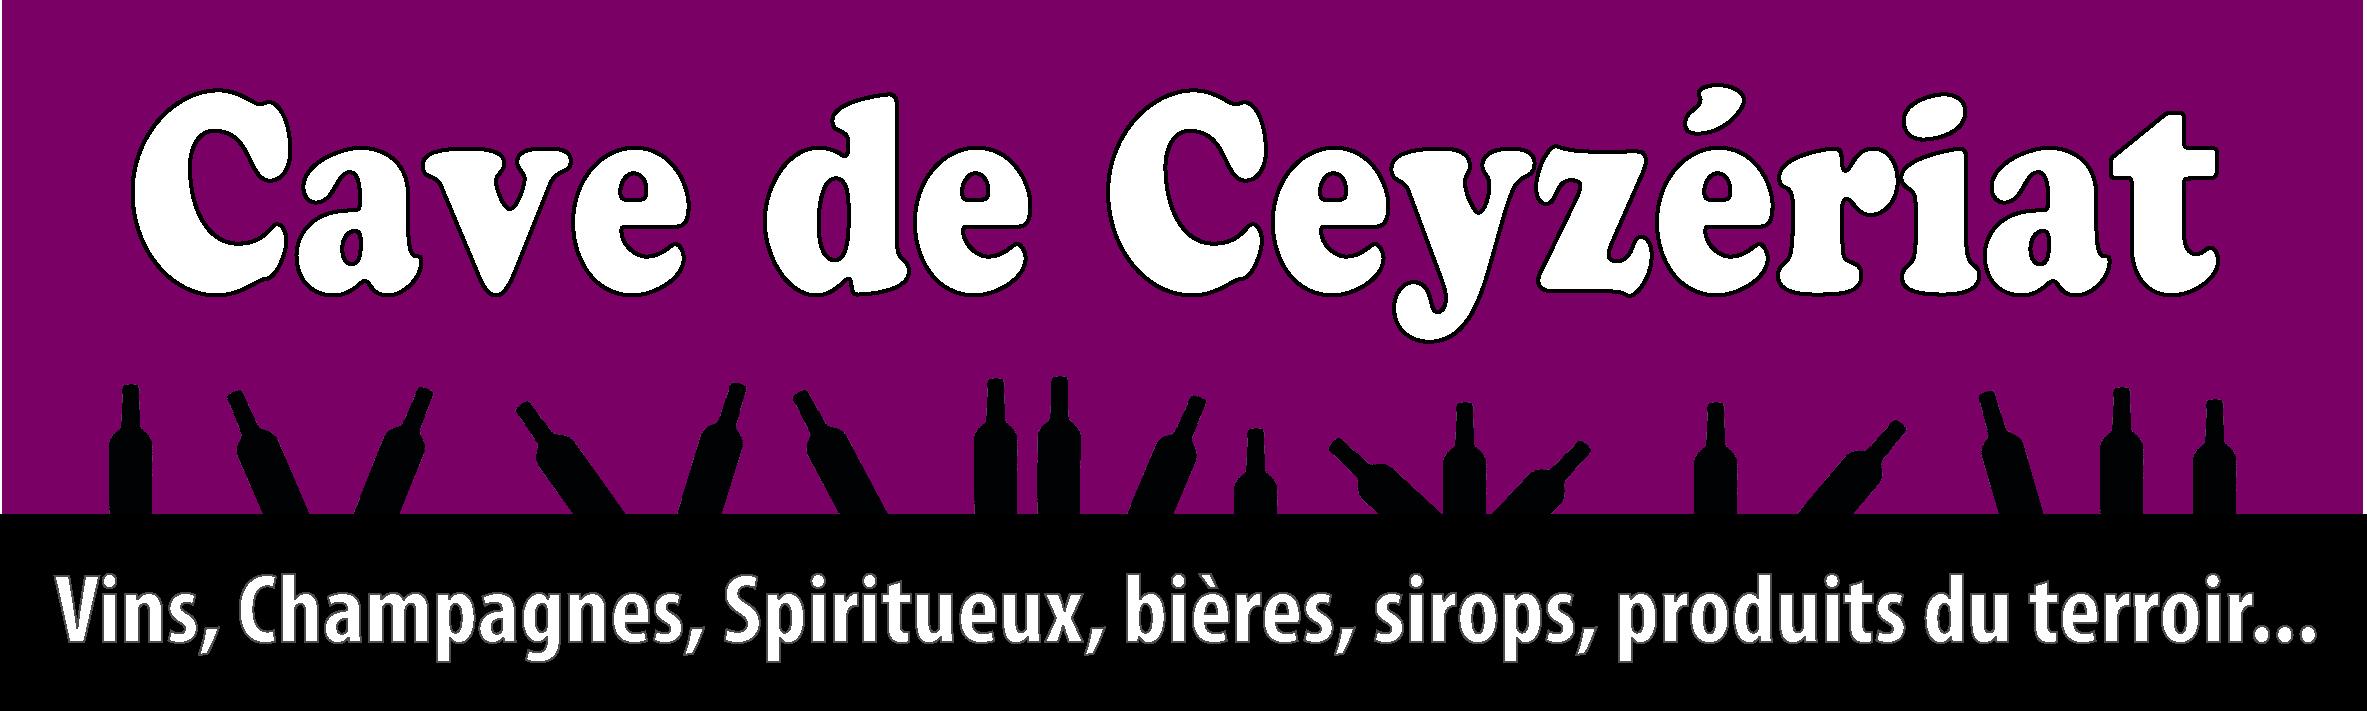 Cave de Ceyzériat  Votre Caviste Près de Bourg en Bresse